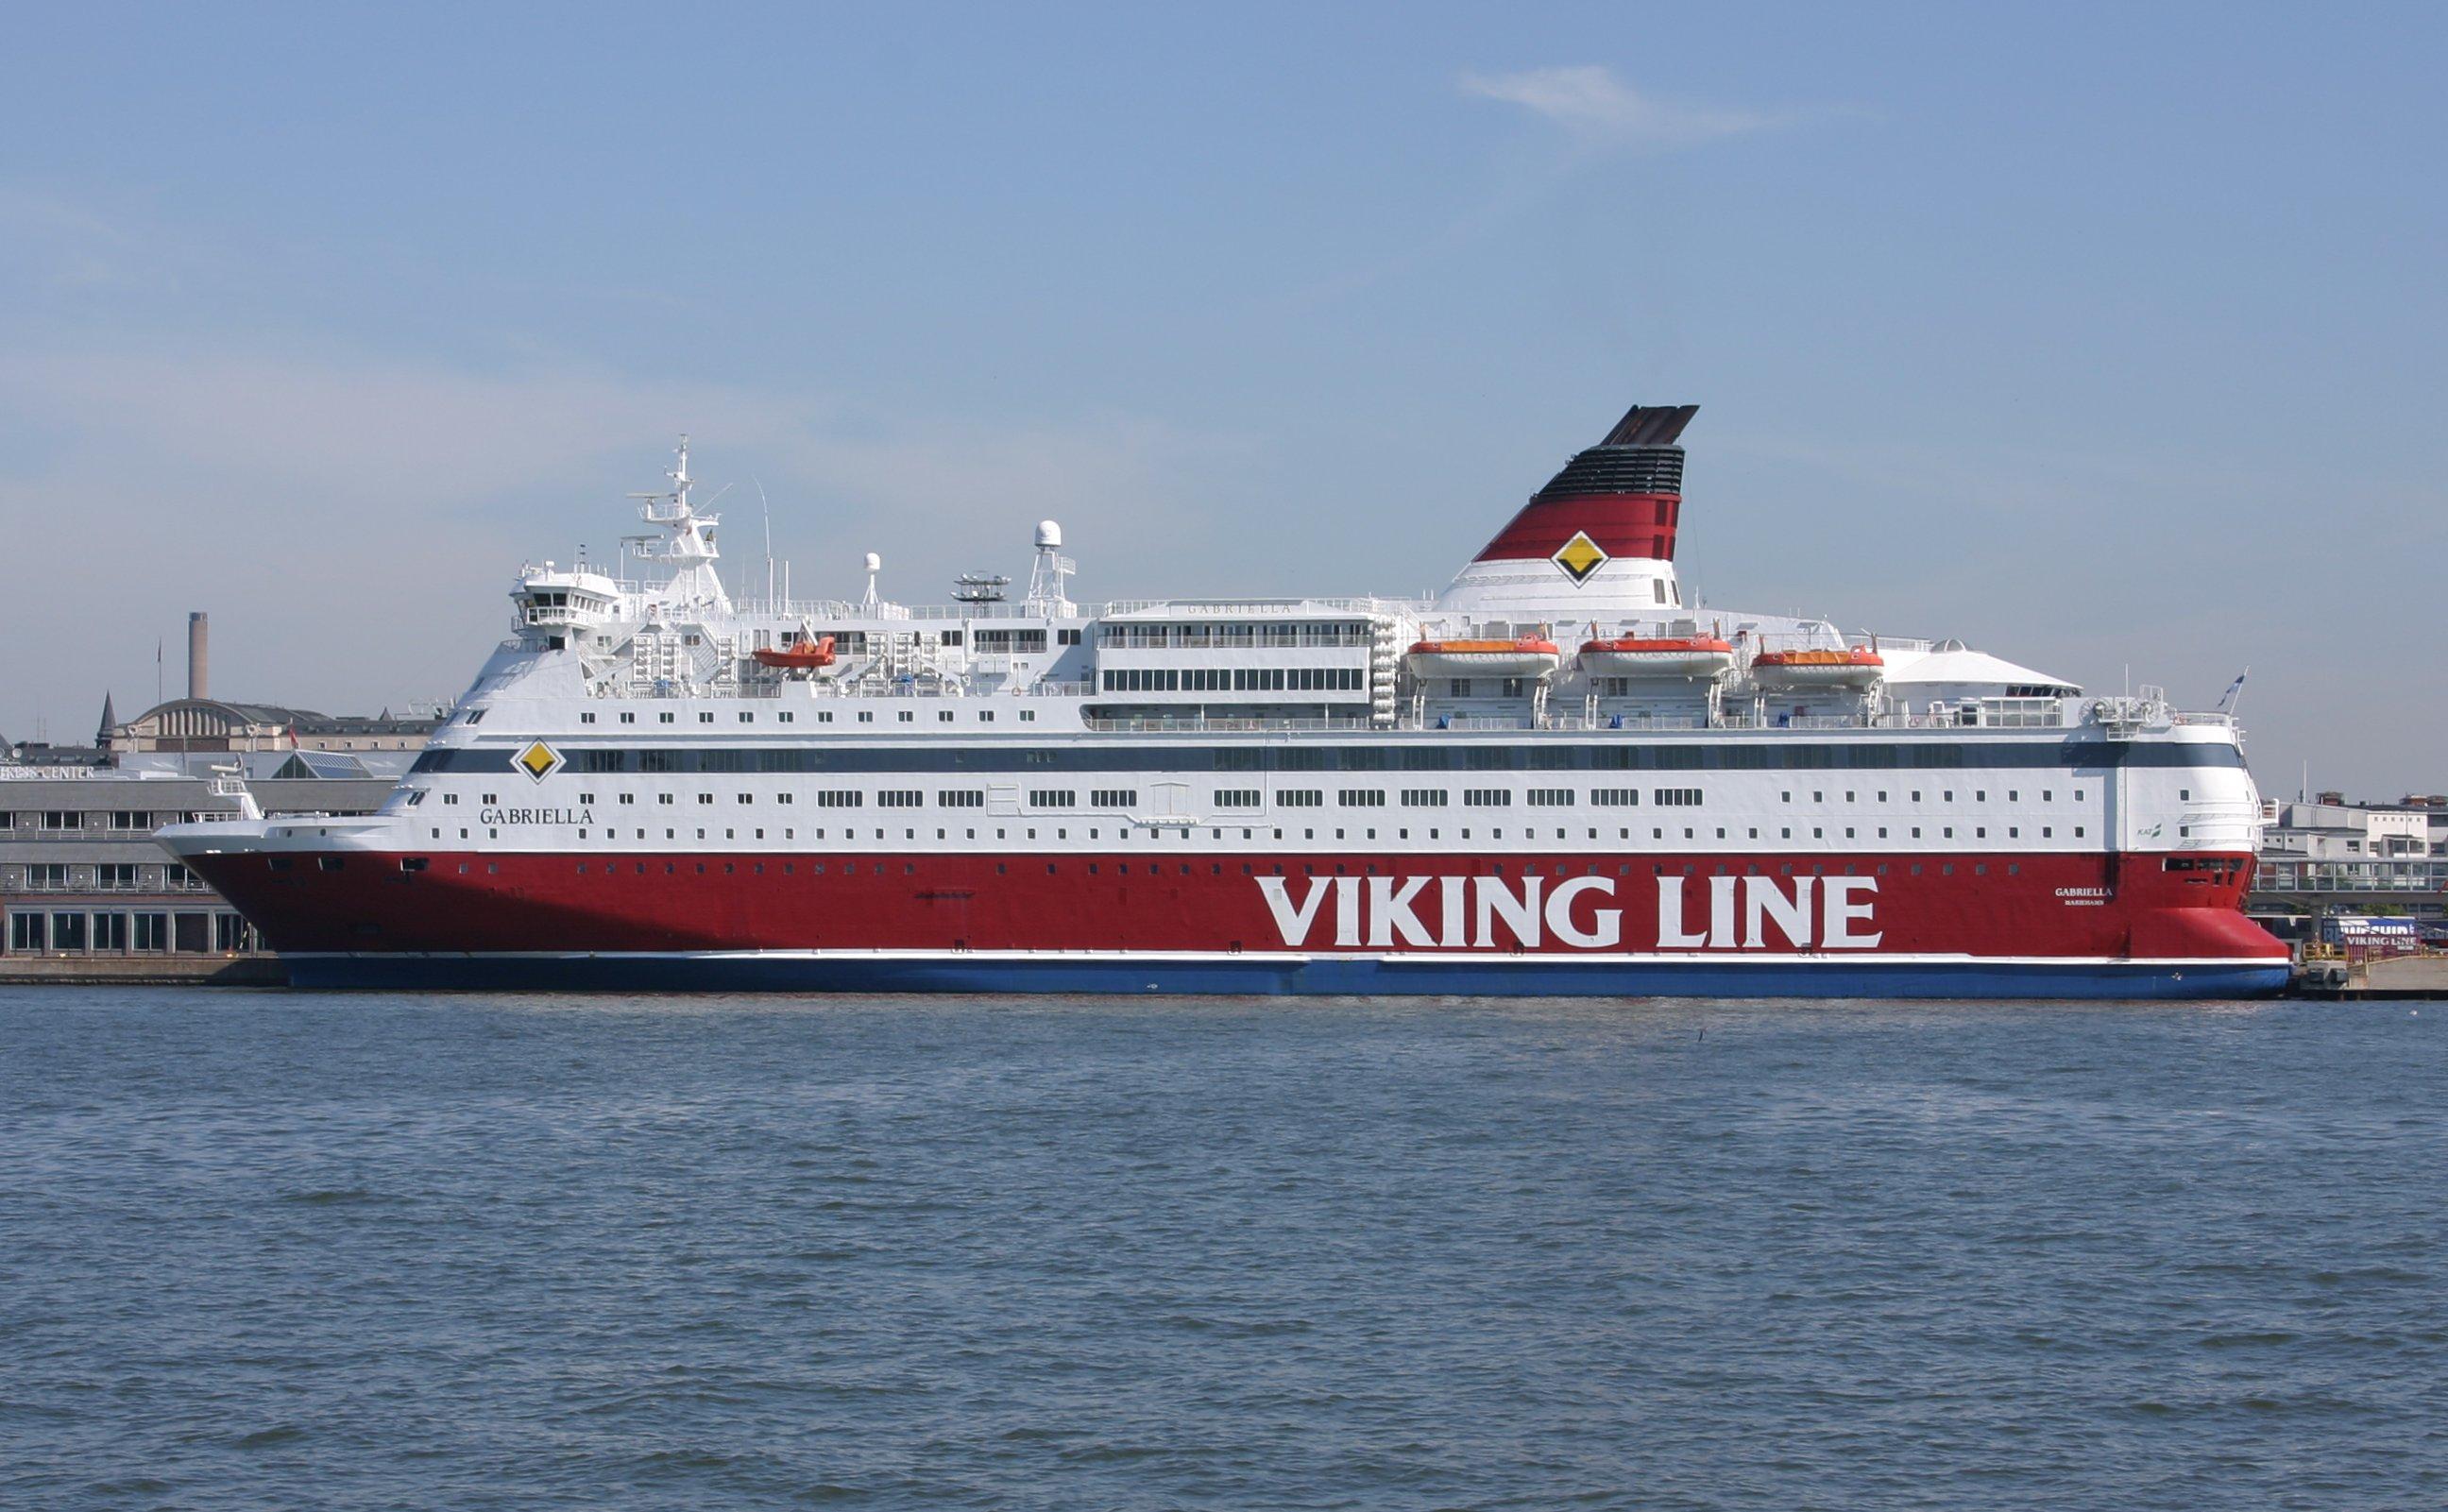 Vikig Line